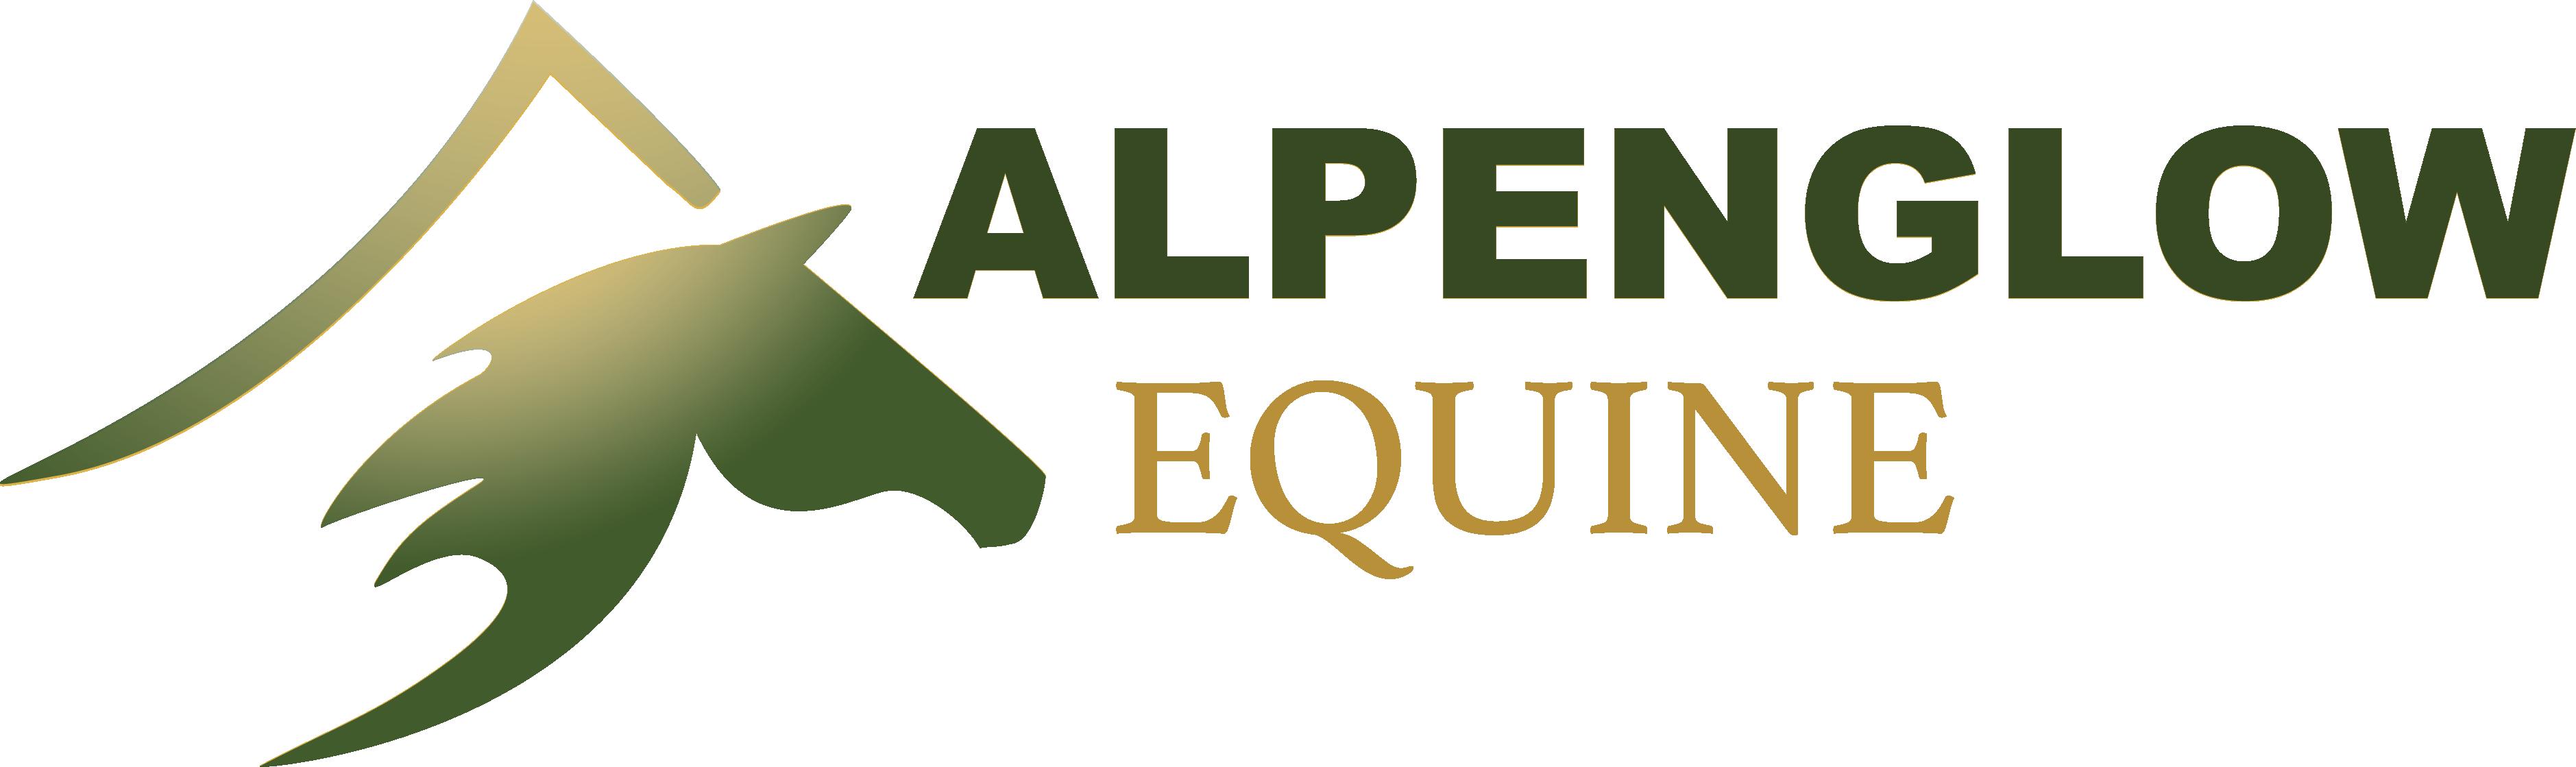 Alpenglow Equine